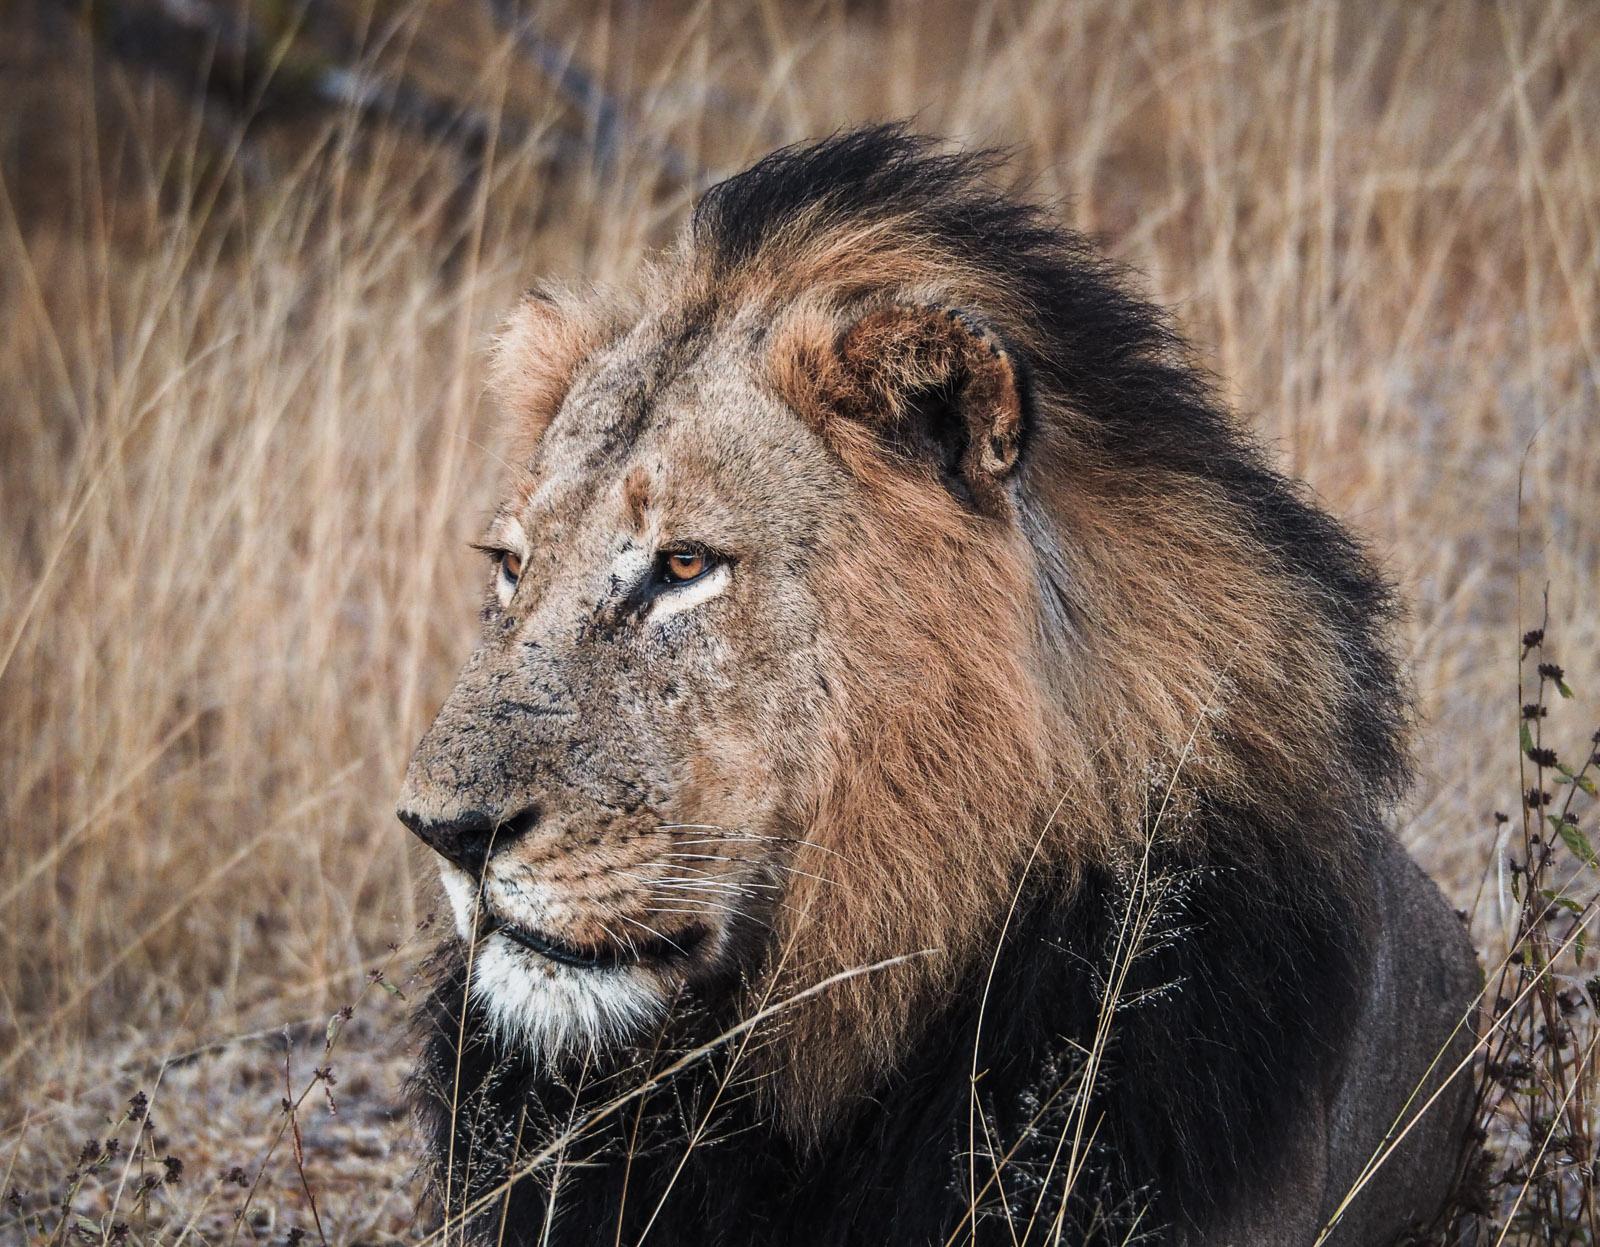 Afrika, Südafrika, Krüger Nationalpark